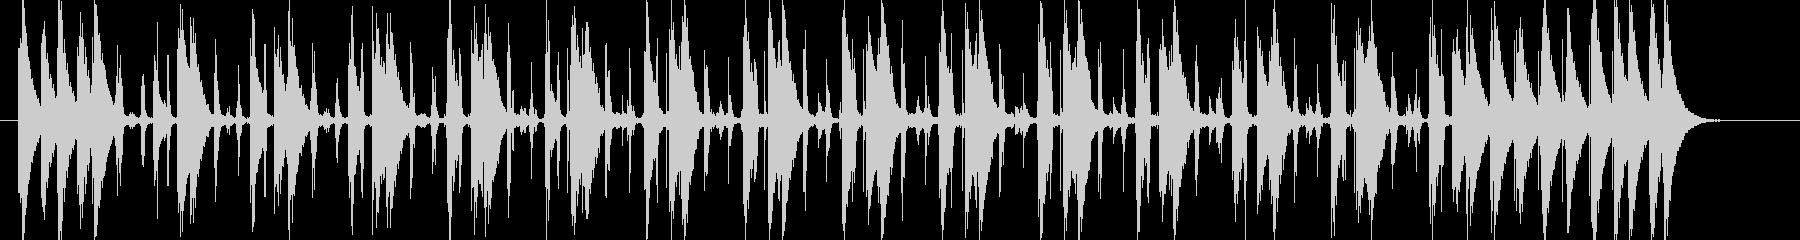 コンガの躍動するリズムLa Bomba2の未再生の波形